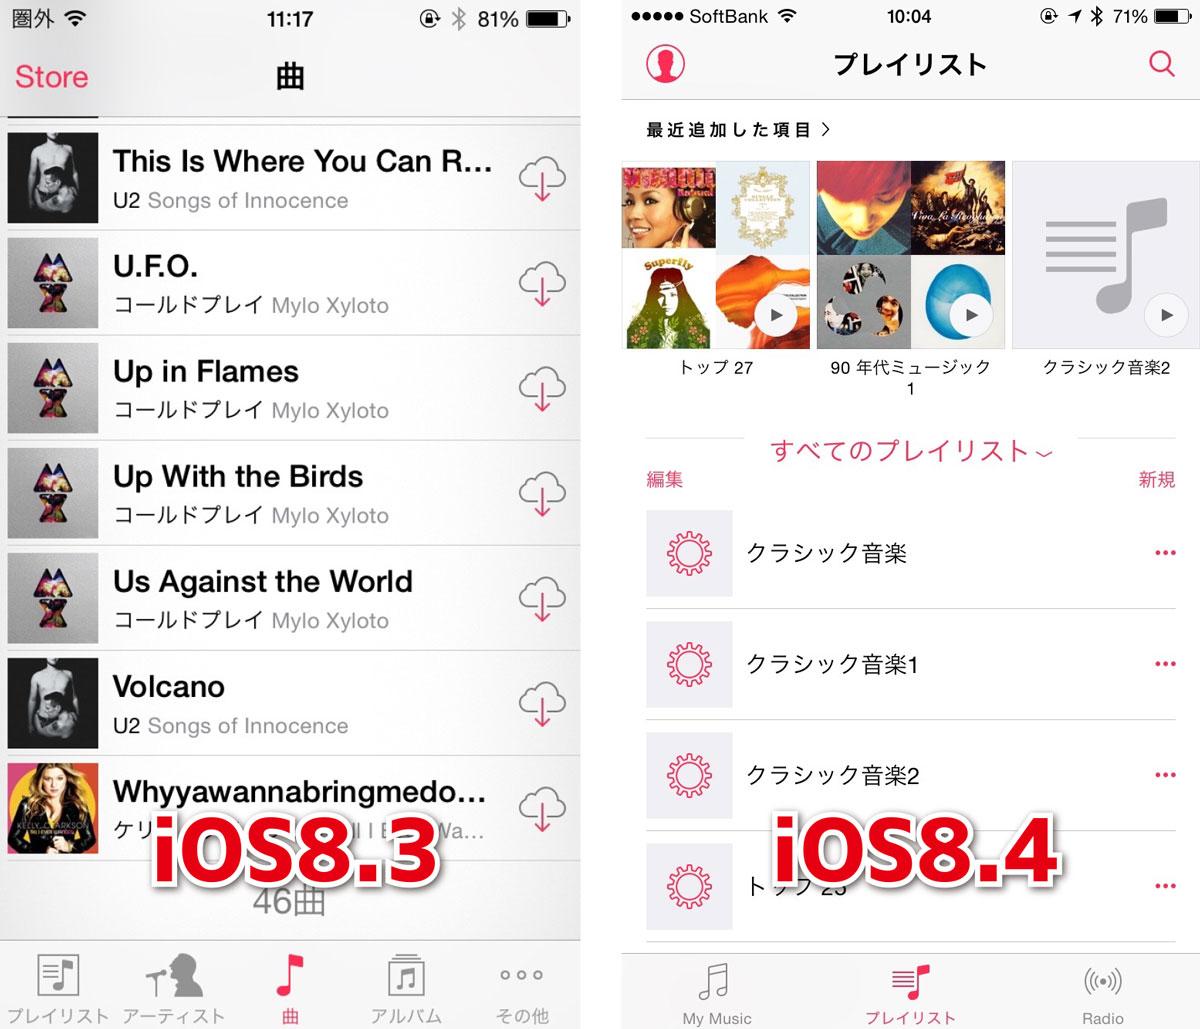 iOS8.4のApple Musicのミュージックアプリ